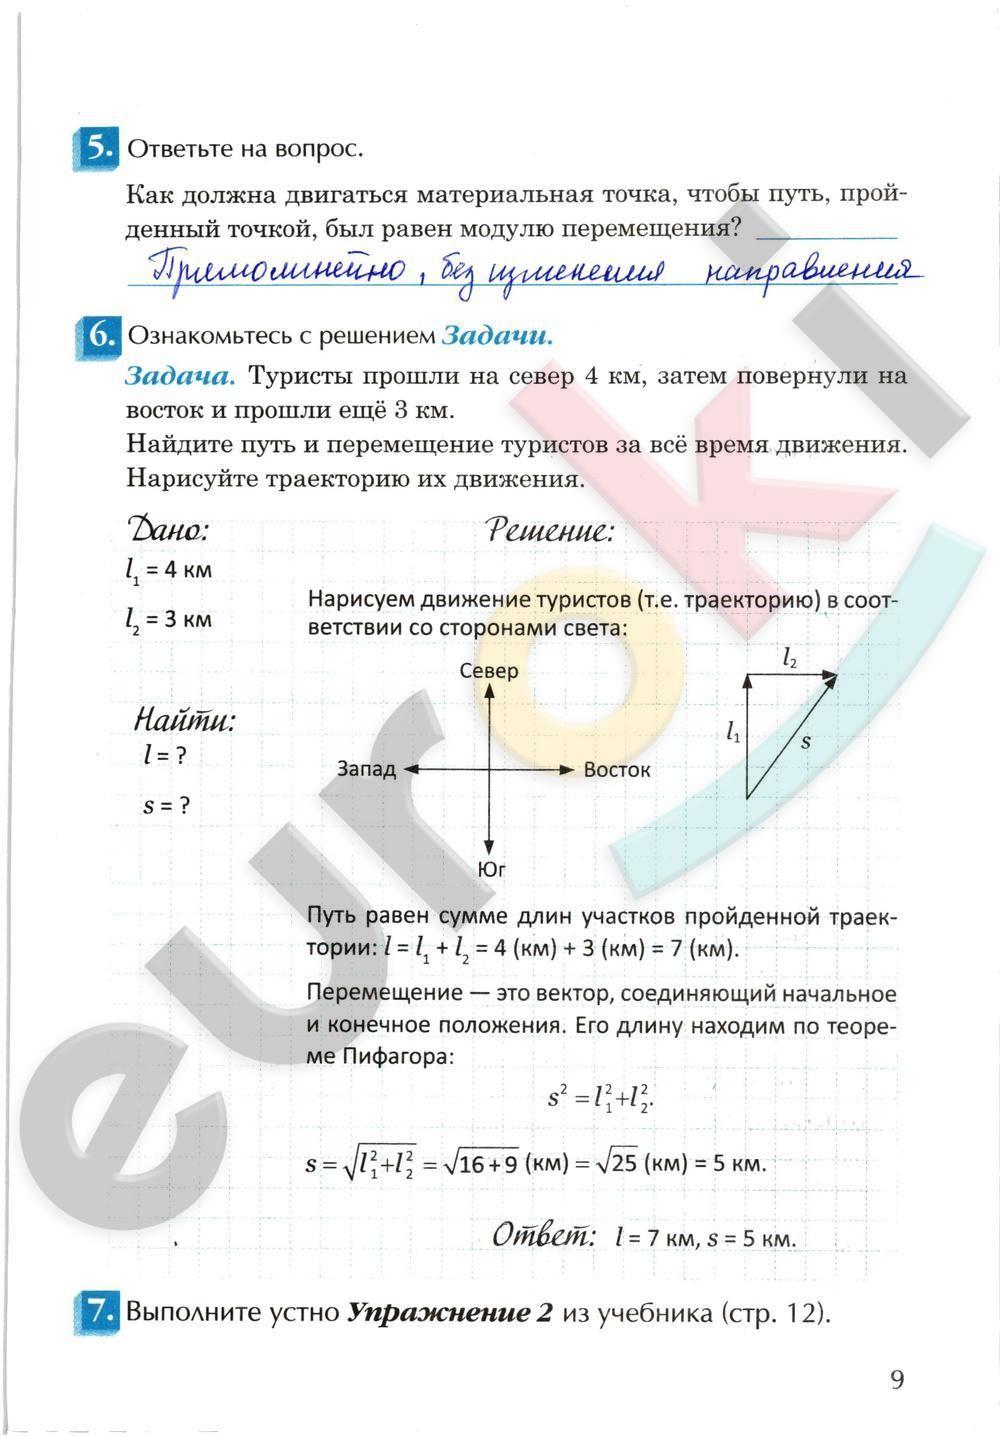 К-2 площади.теорема пифагора за 8 класс решение контрольной б2 илекса москва 2018 а.п.ершова в.в.голобородько а.с.ершова